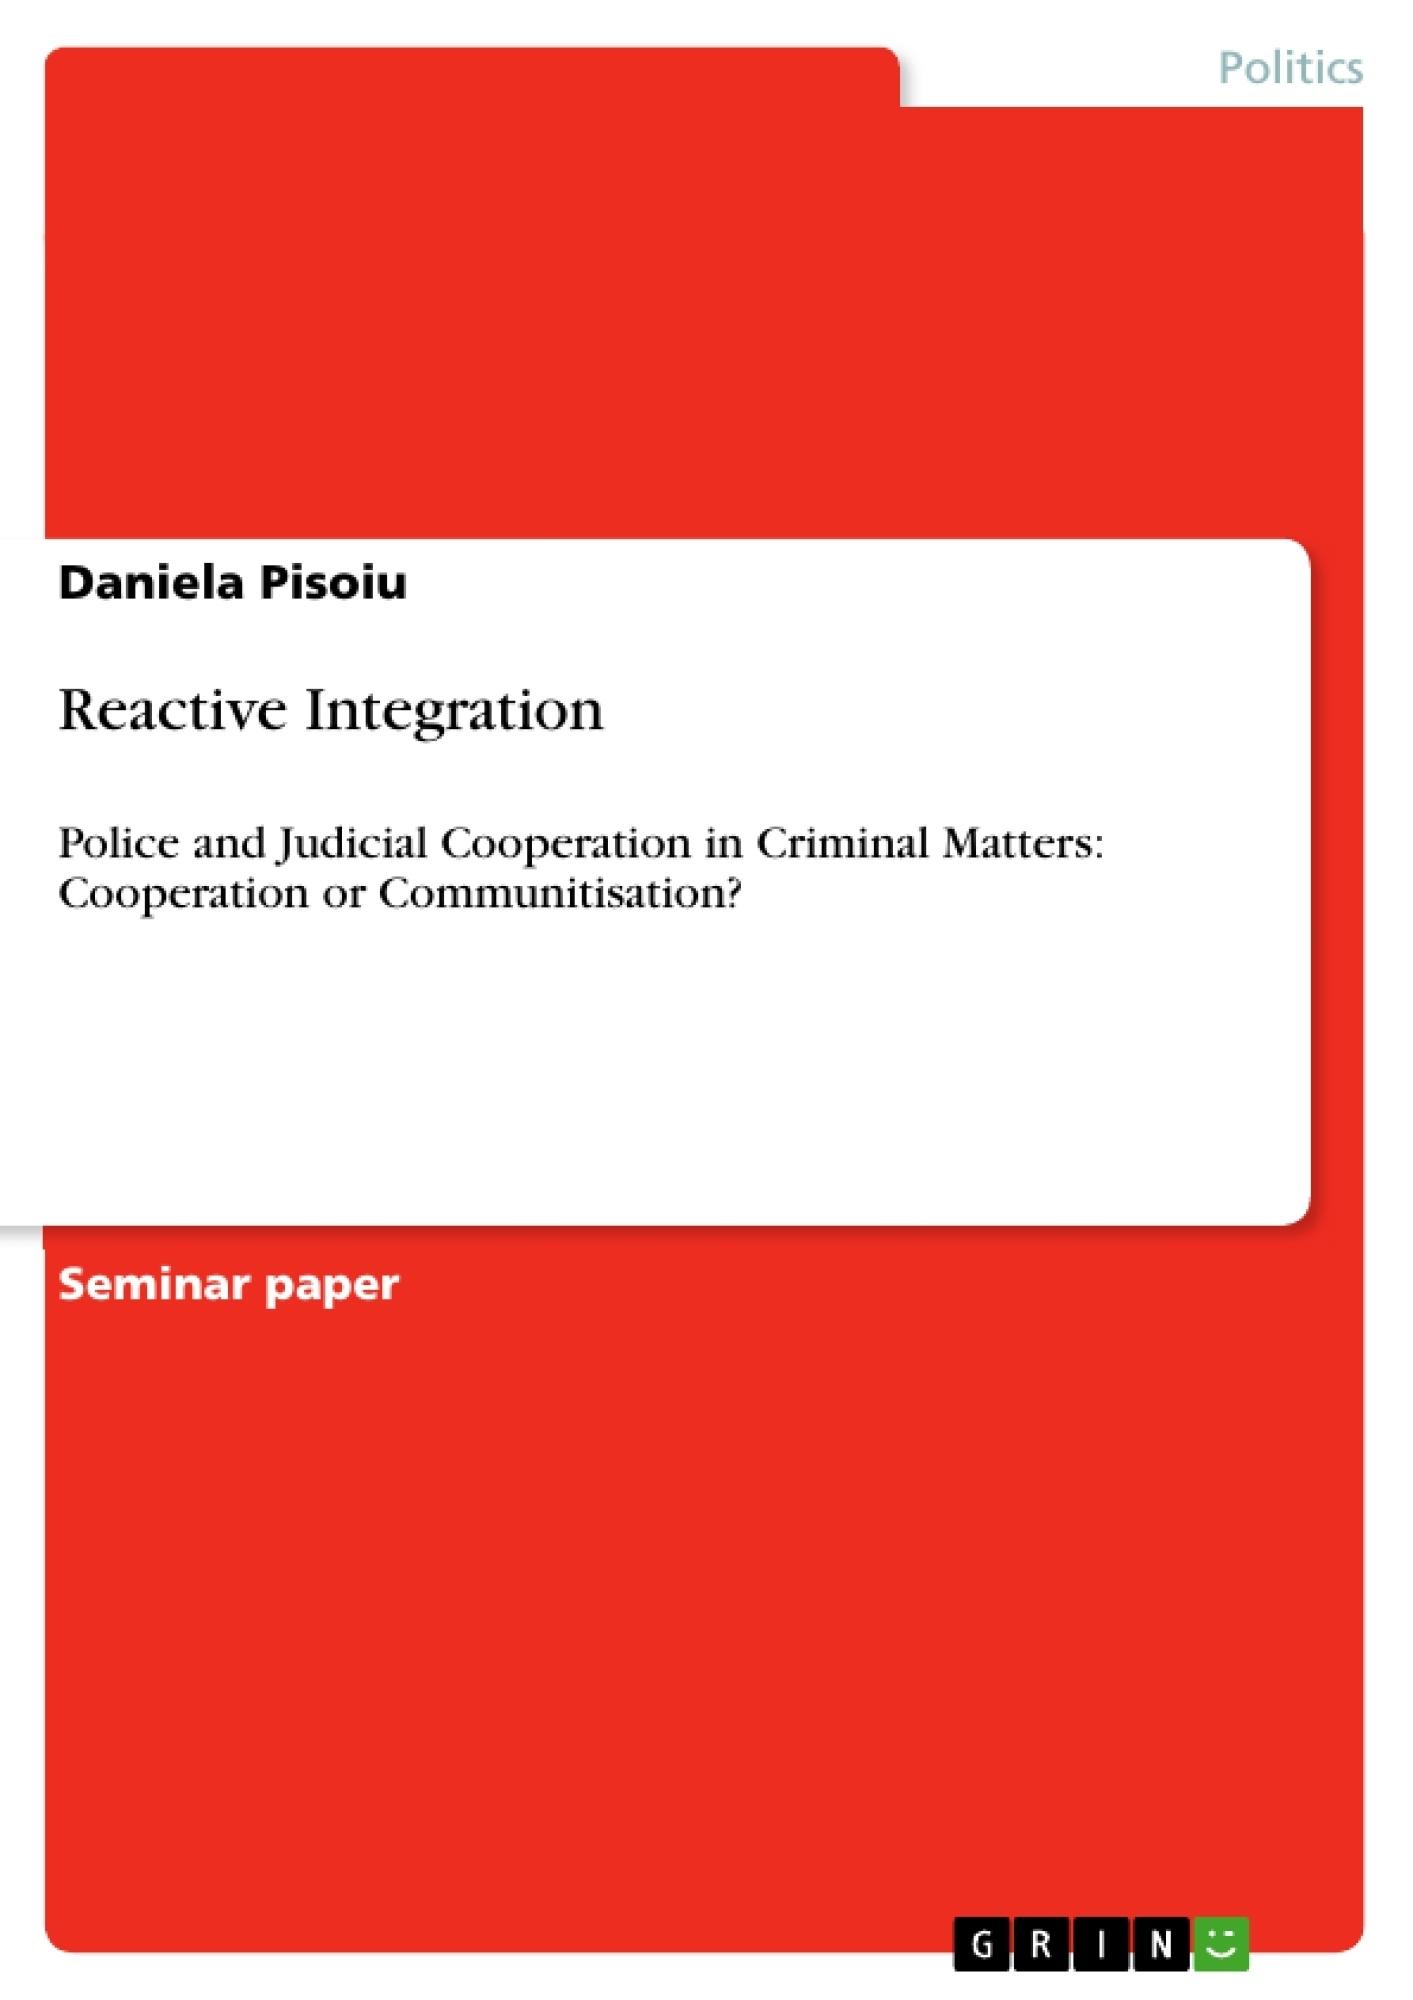 Title: Reactive Integration